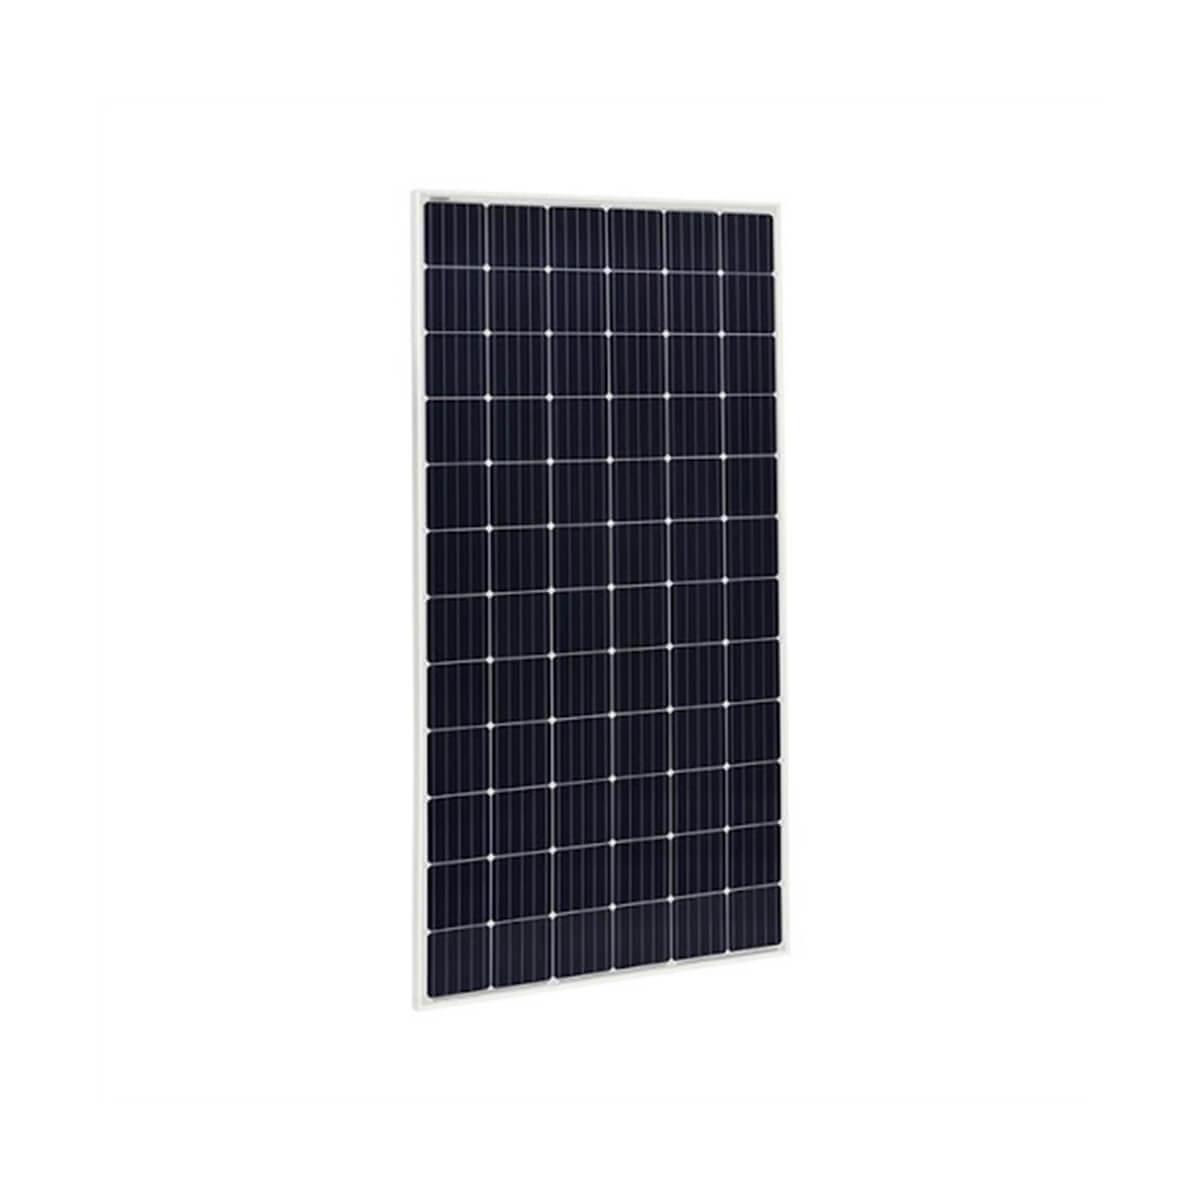 ht solar 395W panel, ht solar 395Watt panel, ht solar 395 W panel, ht solar 395 Watt panel, ht solar 395 Watt monokristal panel, ht solar 395 W watt gunes paneli, ht solar 395 W watt monokristal gunes paneli, ht solar 395 W Watt fotovoltaik monokristal solar panel, ht solar 395W monokristal gunes enerjisi, ht solar HT72-156M-395W panel, HT SOLAR 395 WATT